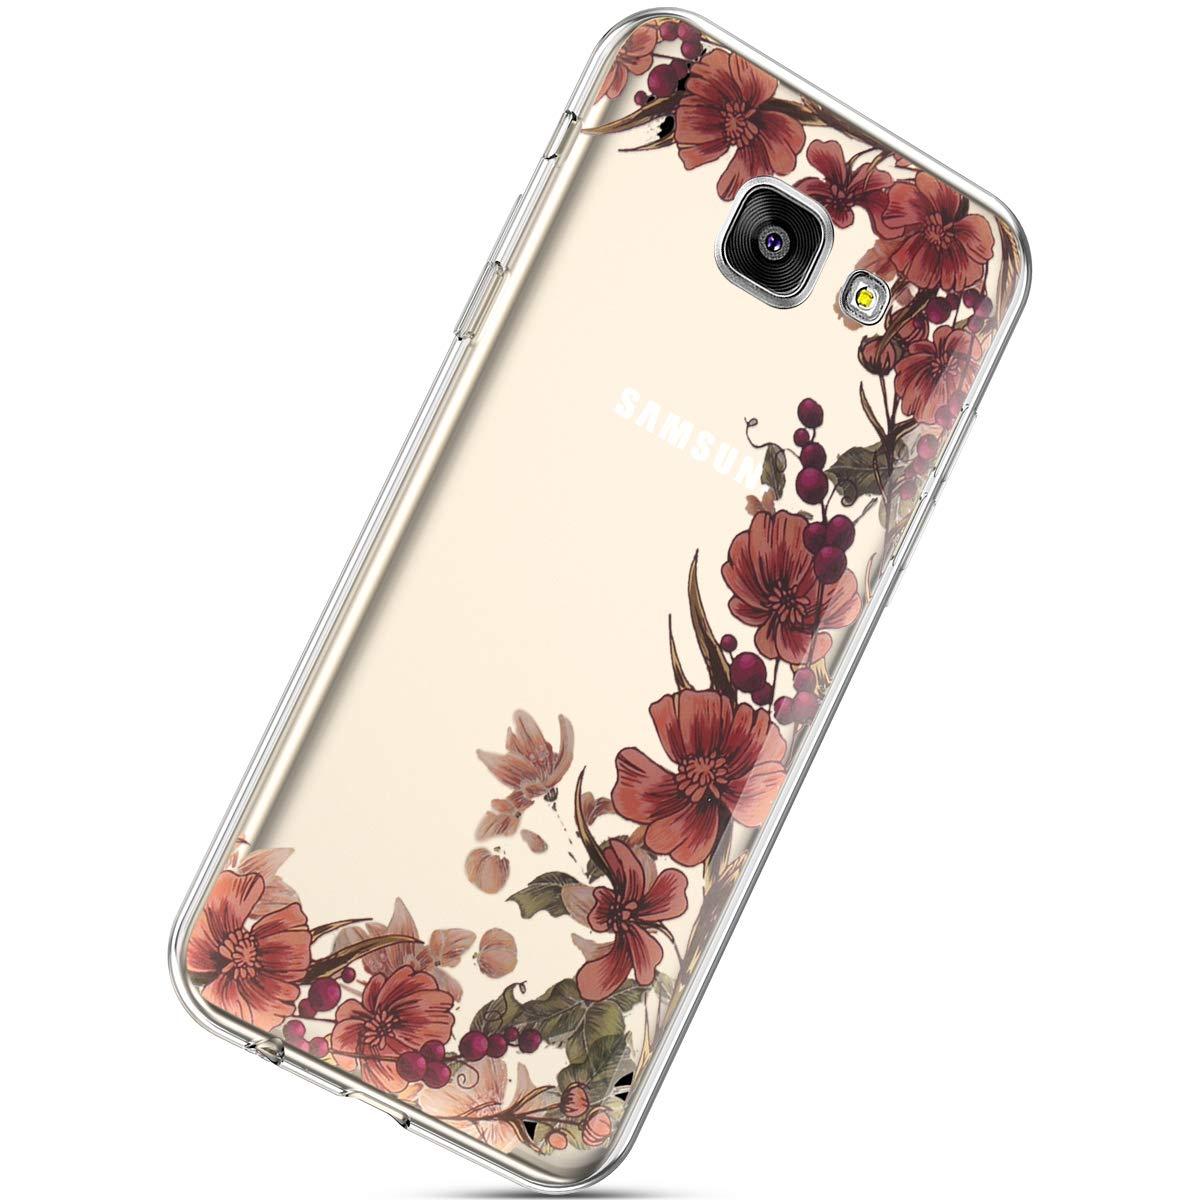 Felfy Funda Compatible con Galaxy A5 2016 Carcasa Silicona,Compatible con Funda Galaxy A5 2016 Transparente Brillante Flor Mariposa Pintado Patr/ón Anti-Ara/ñazos Ultra Fina TPU Case